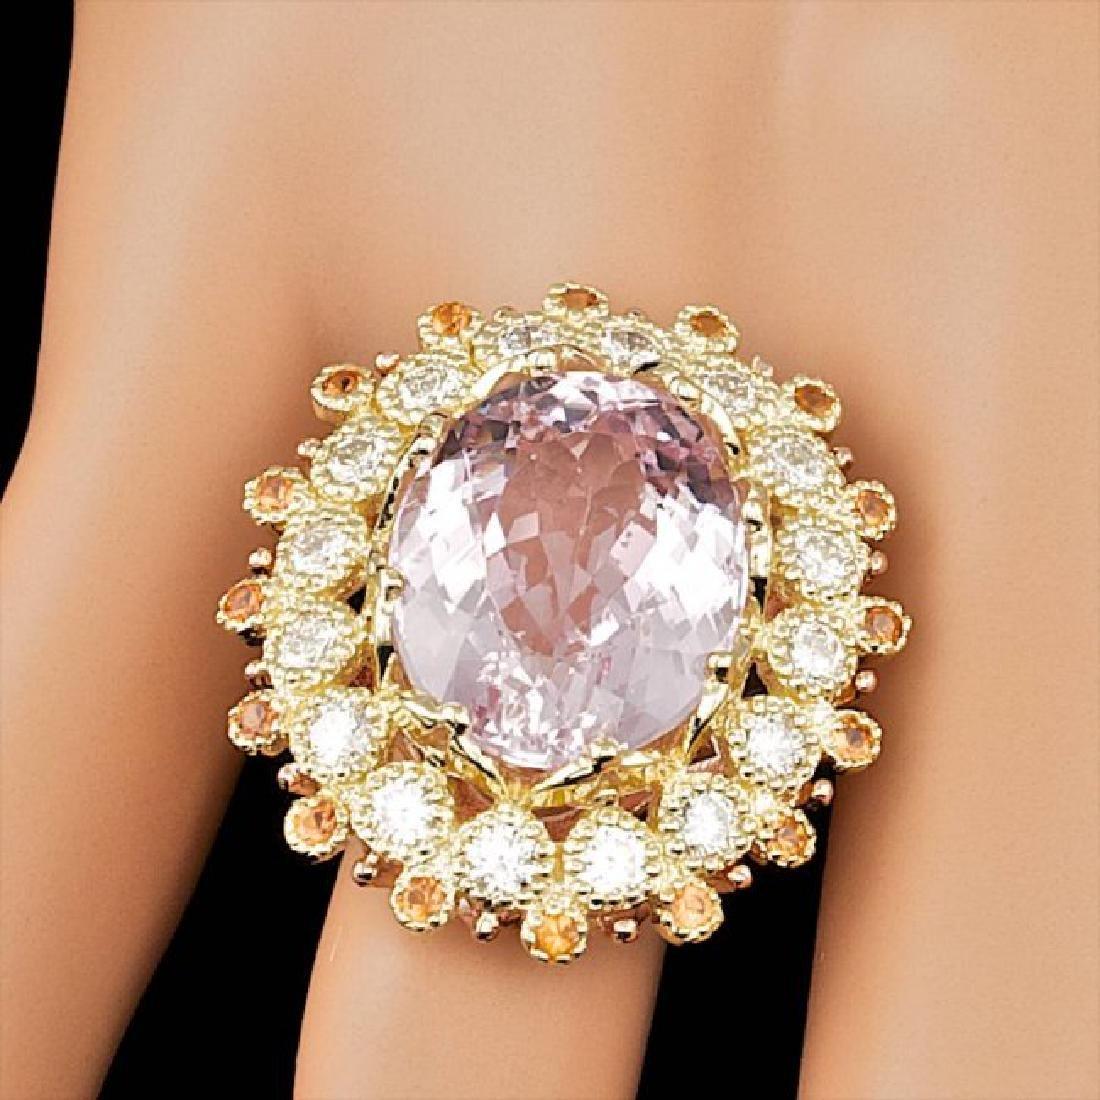 14k Gold 16.50ct Kunzite 1.80ct Diamond Ring - 3